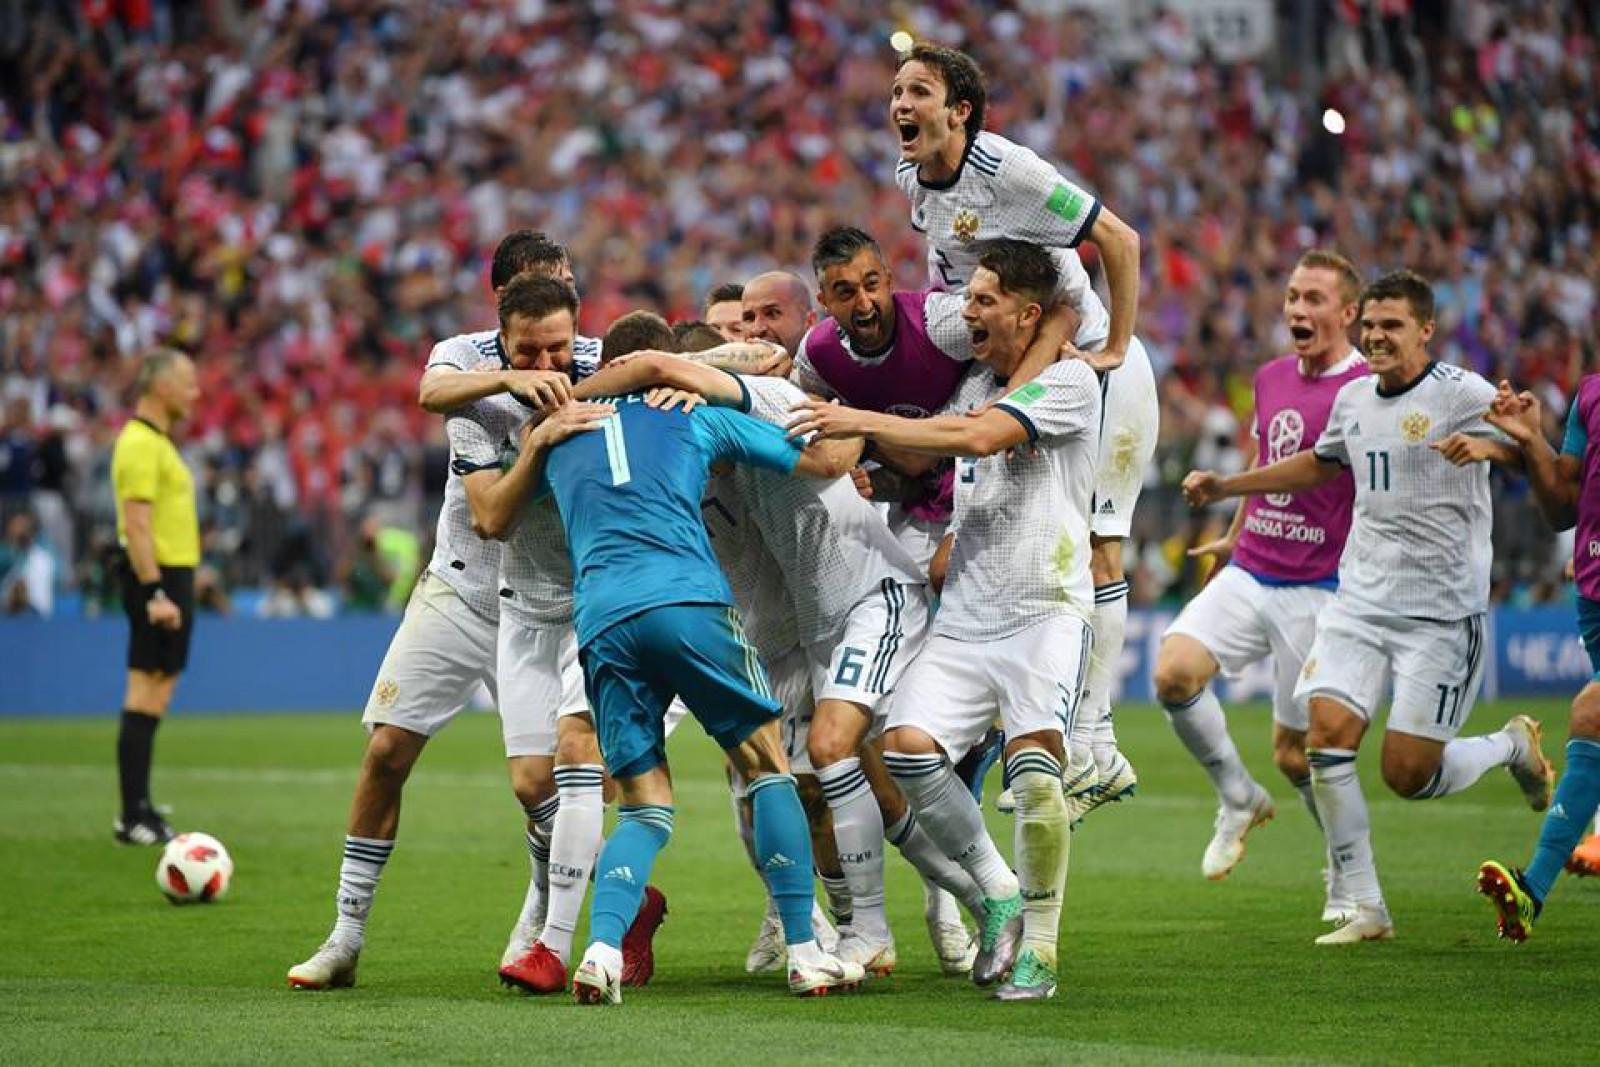 Incredibil, dar adevărat! Naționala Rusiei a eliminat-o pe Spania și s-a calificat în sferturile Campionatului Mondial